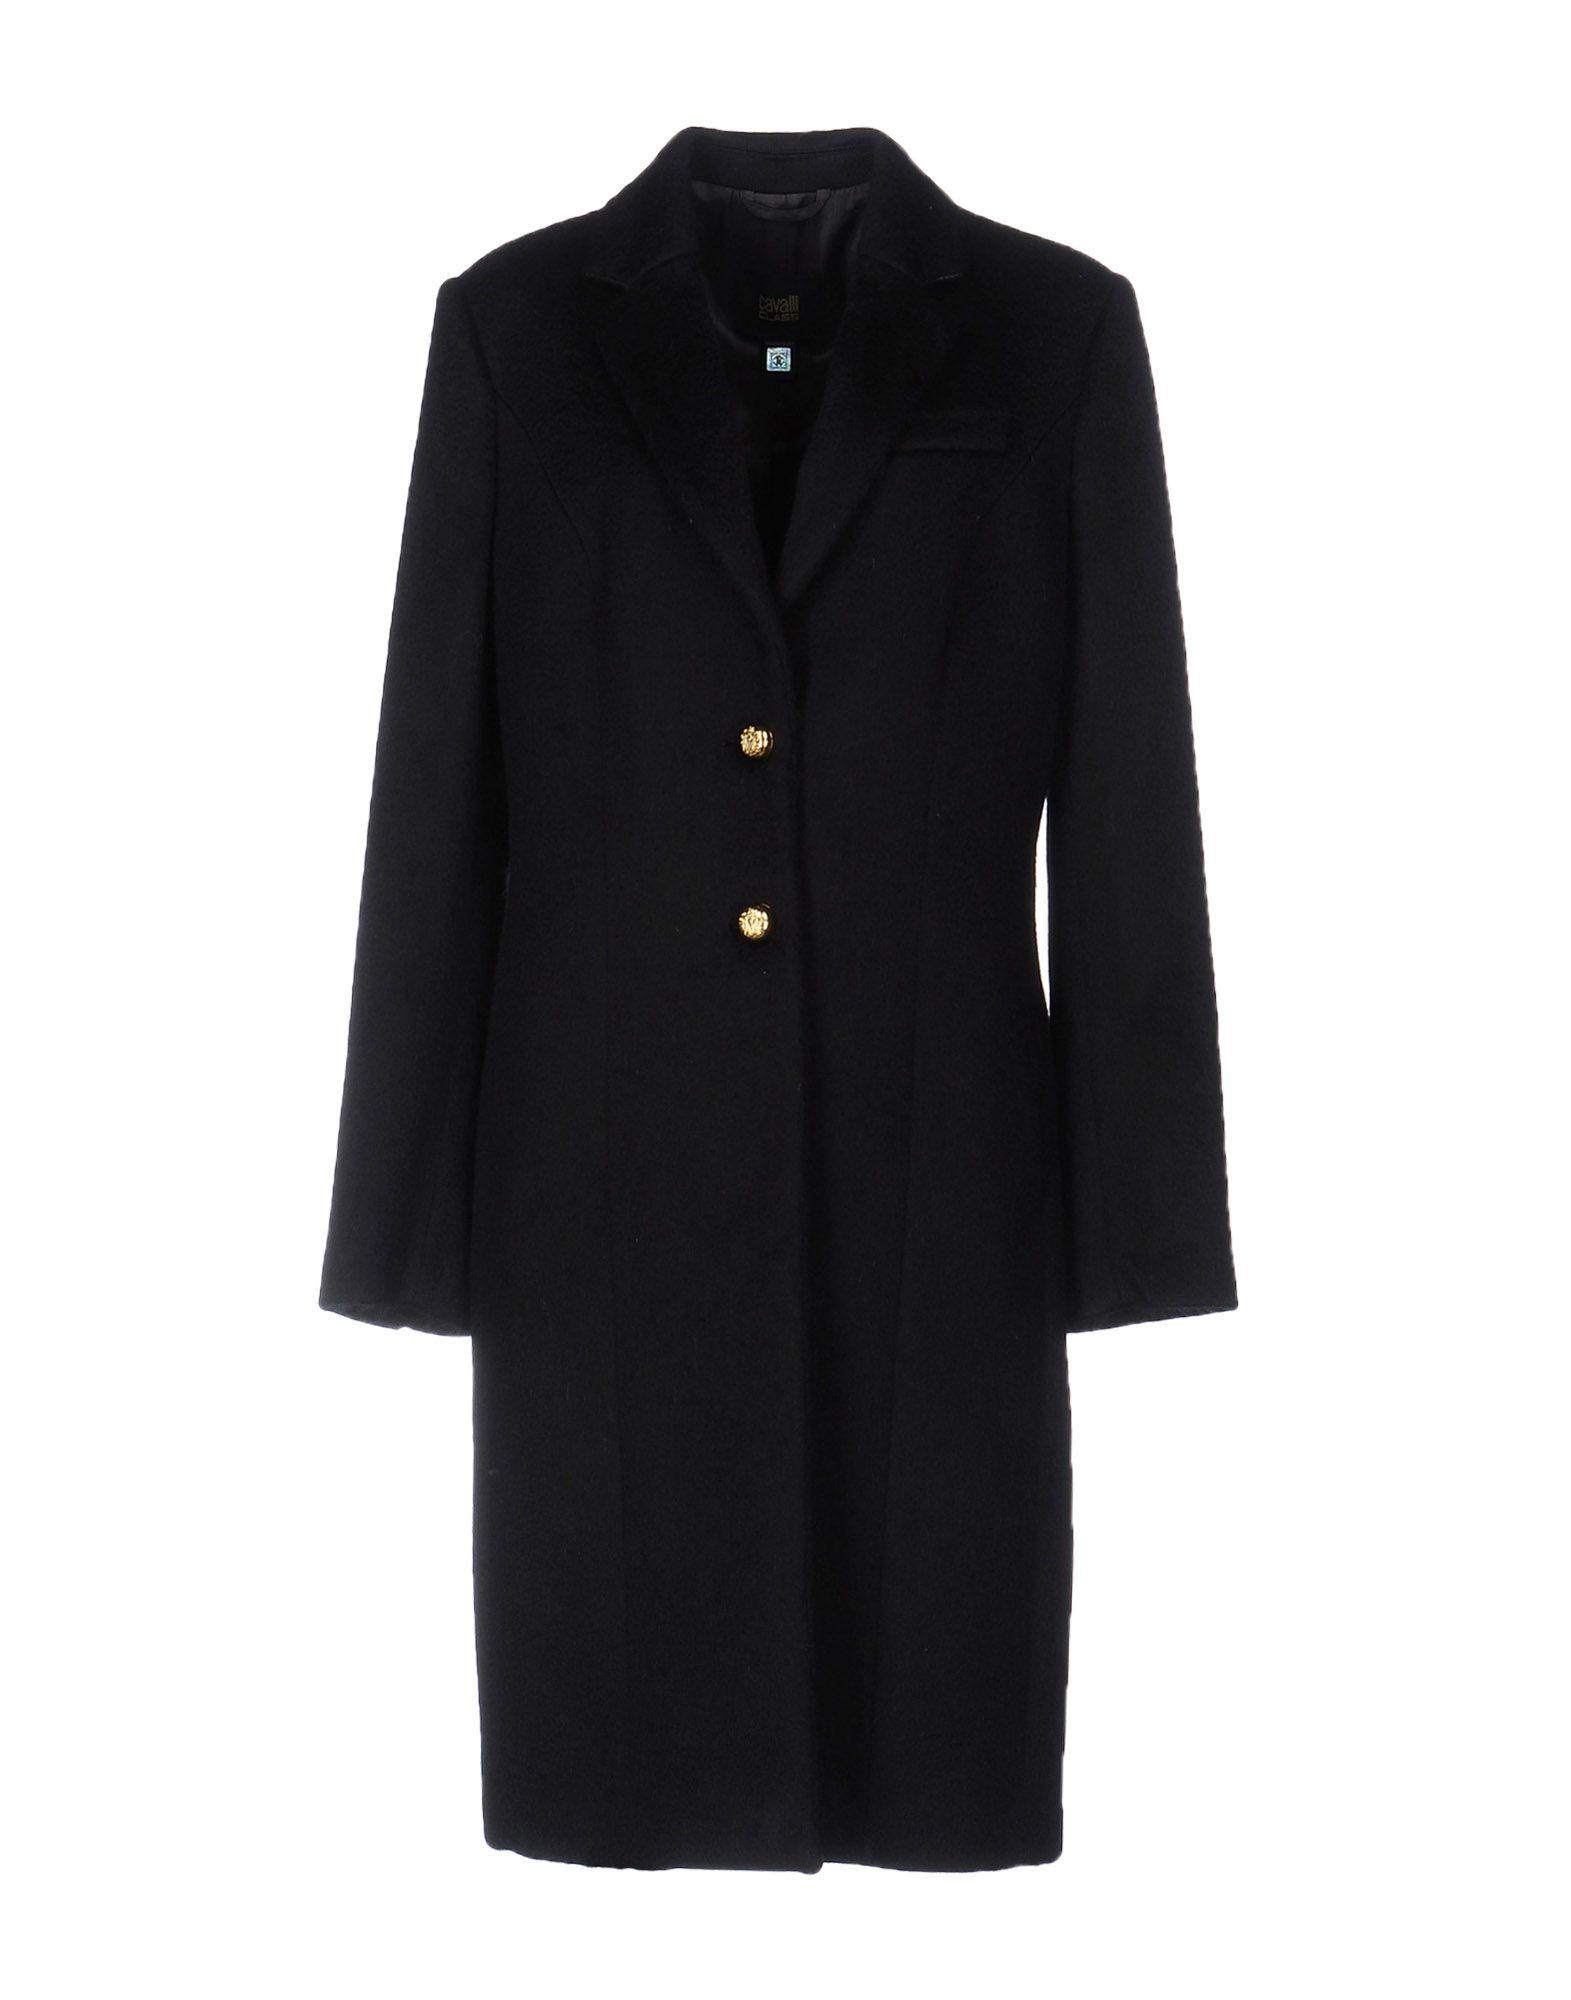 CLASS ROBERTO CAVALLI Damen Mantel Farbe Schwarz Größe 5 jetztbilligerkaufen